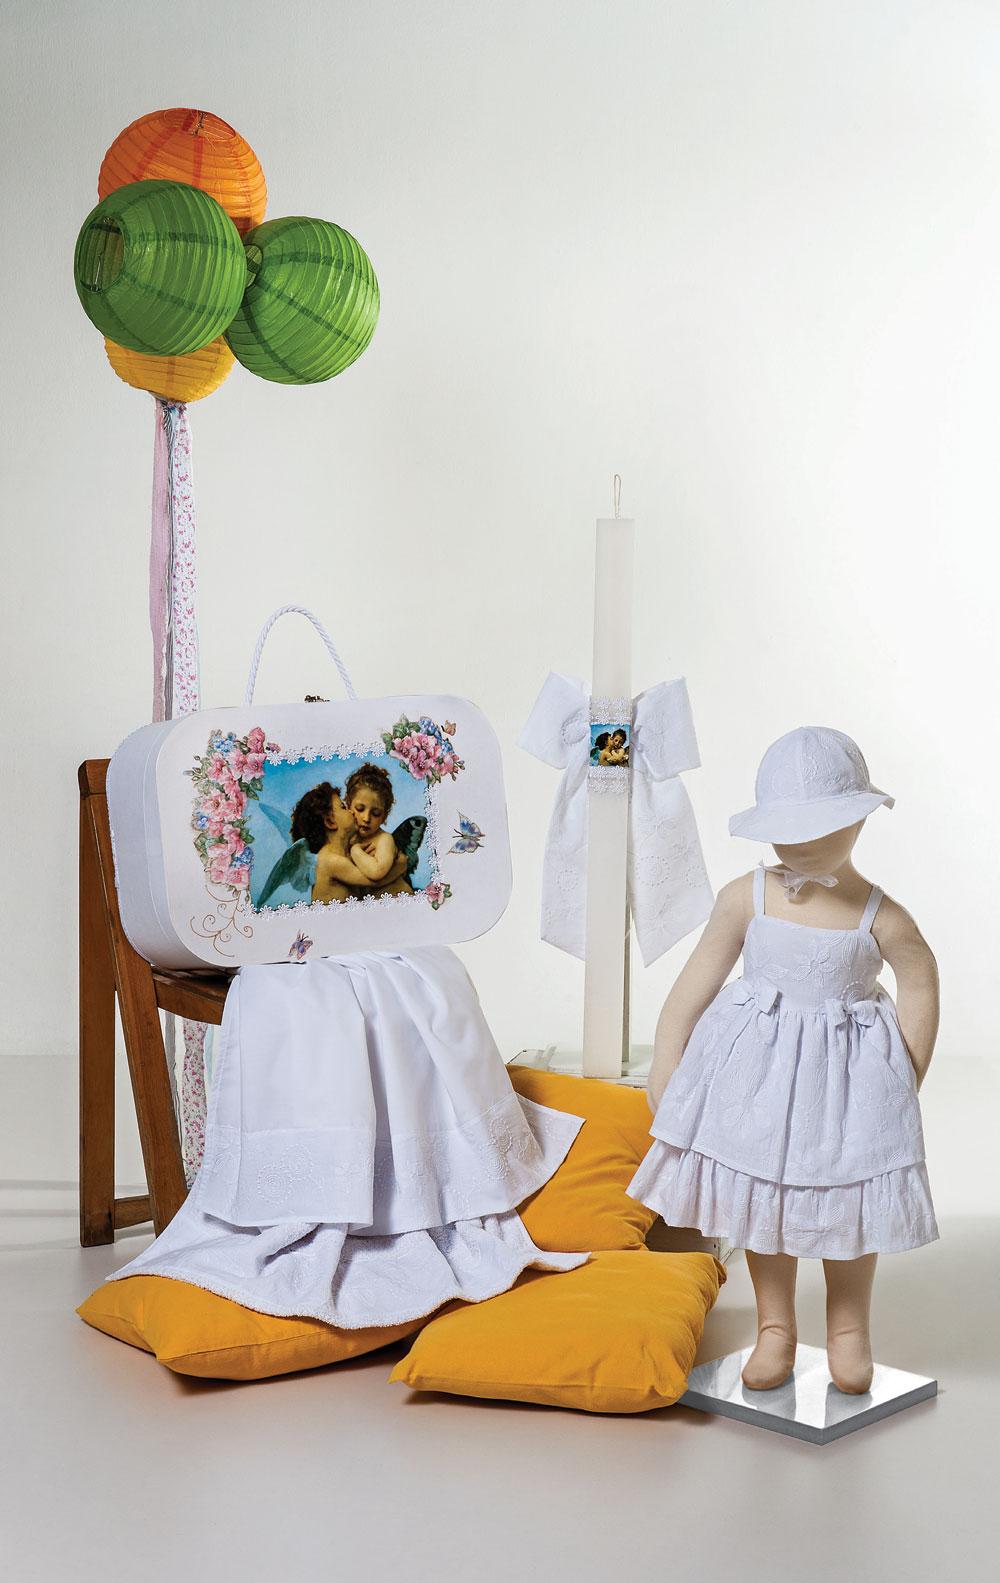 1426 - φορεματάκι μπροντερί με ανάγλυφες μαργαρίτες